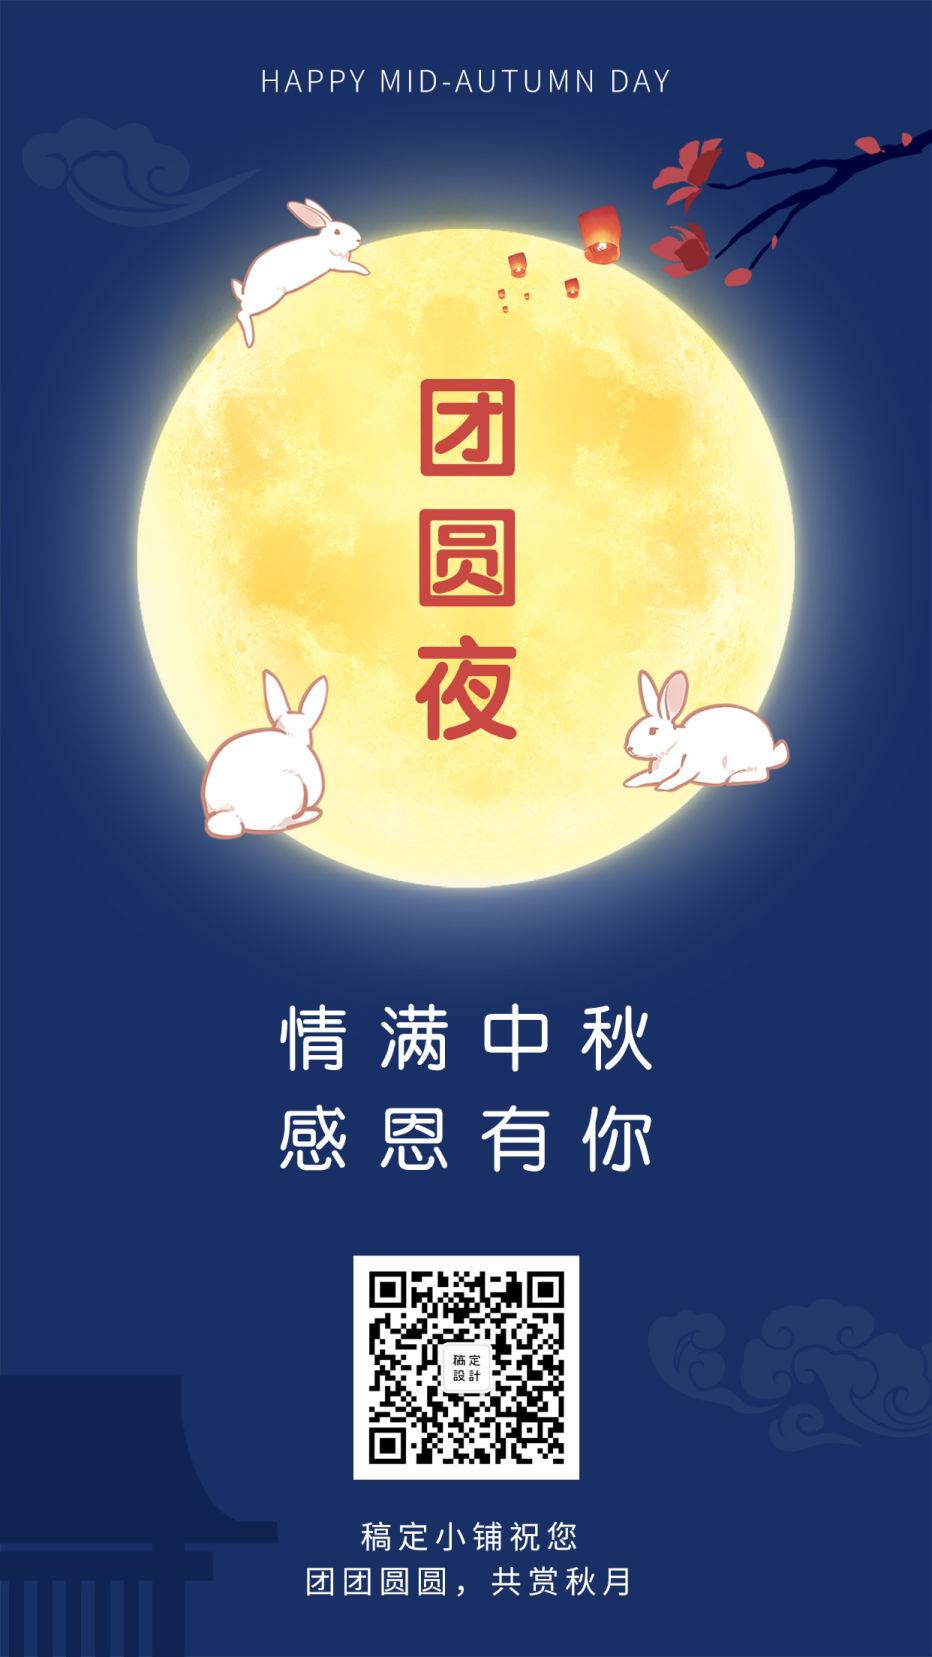 中秋祝福/中国风海报